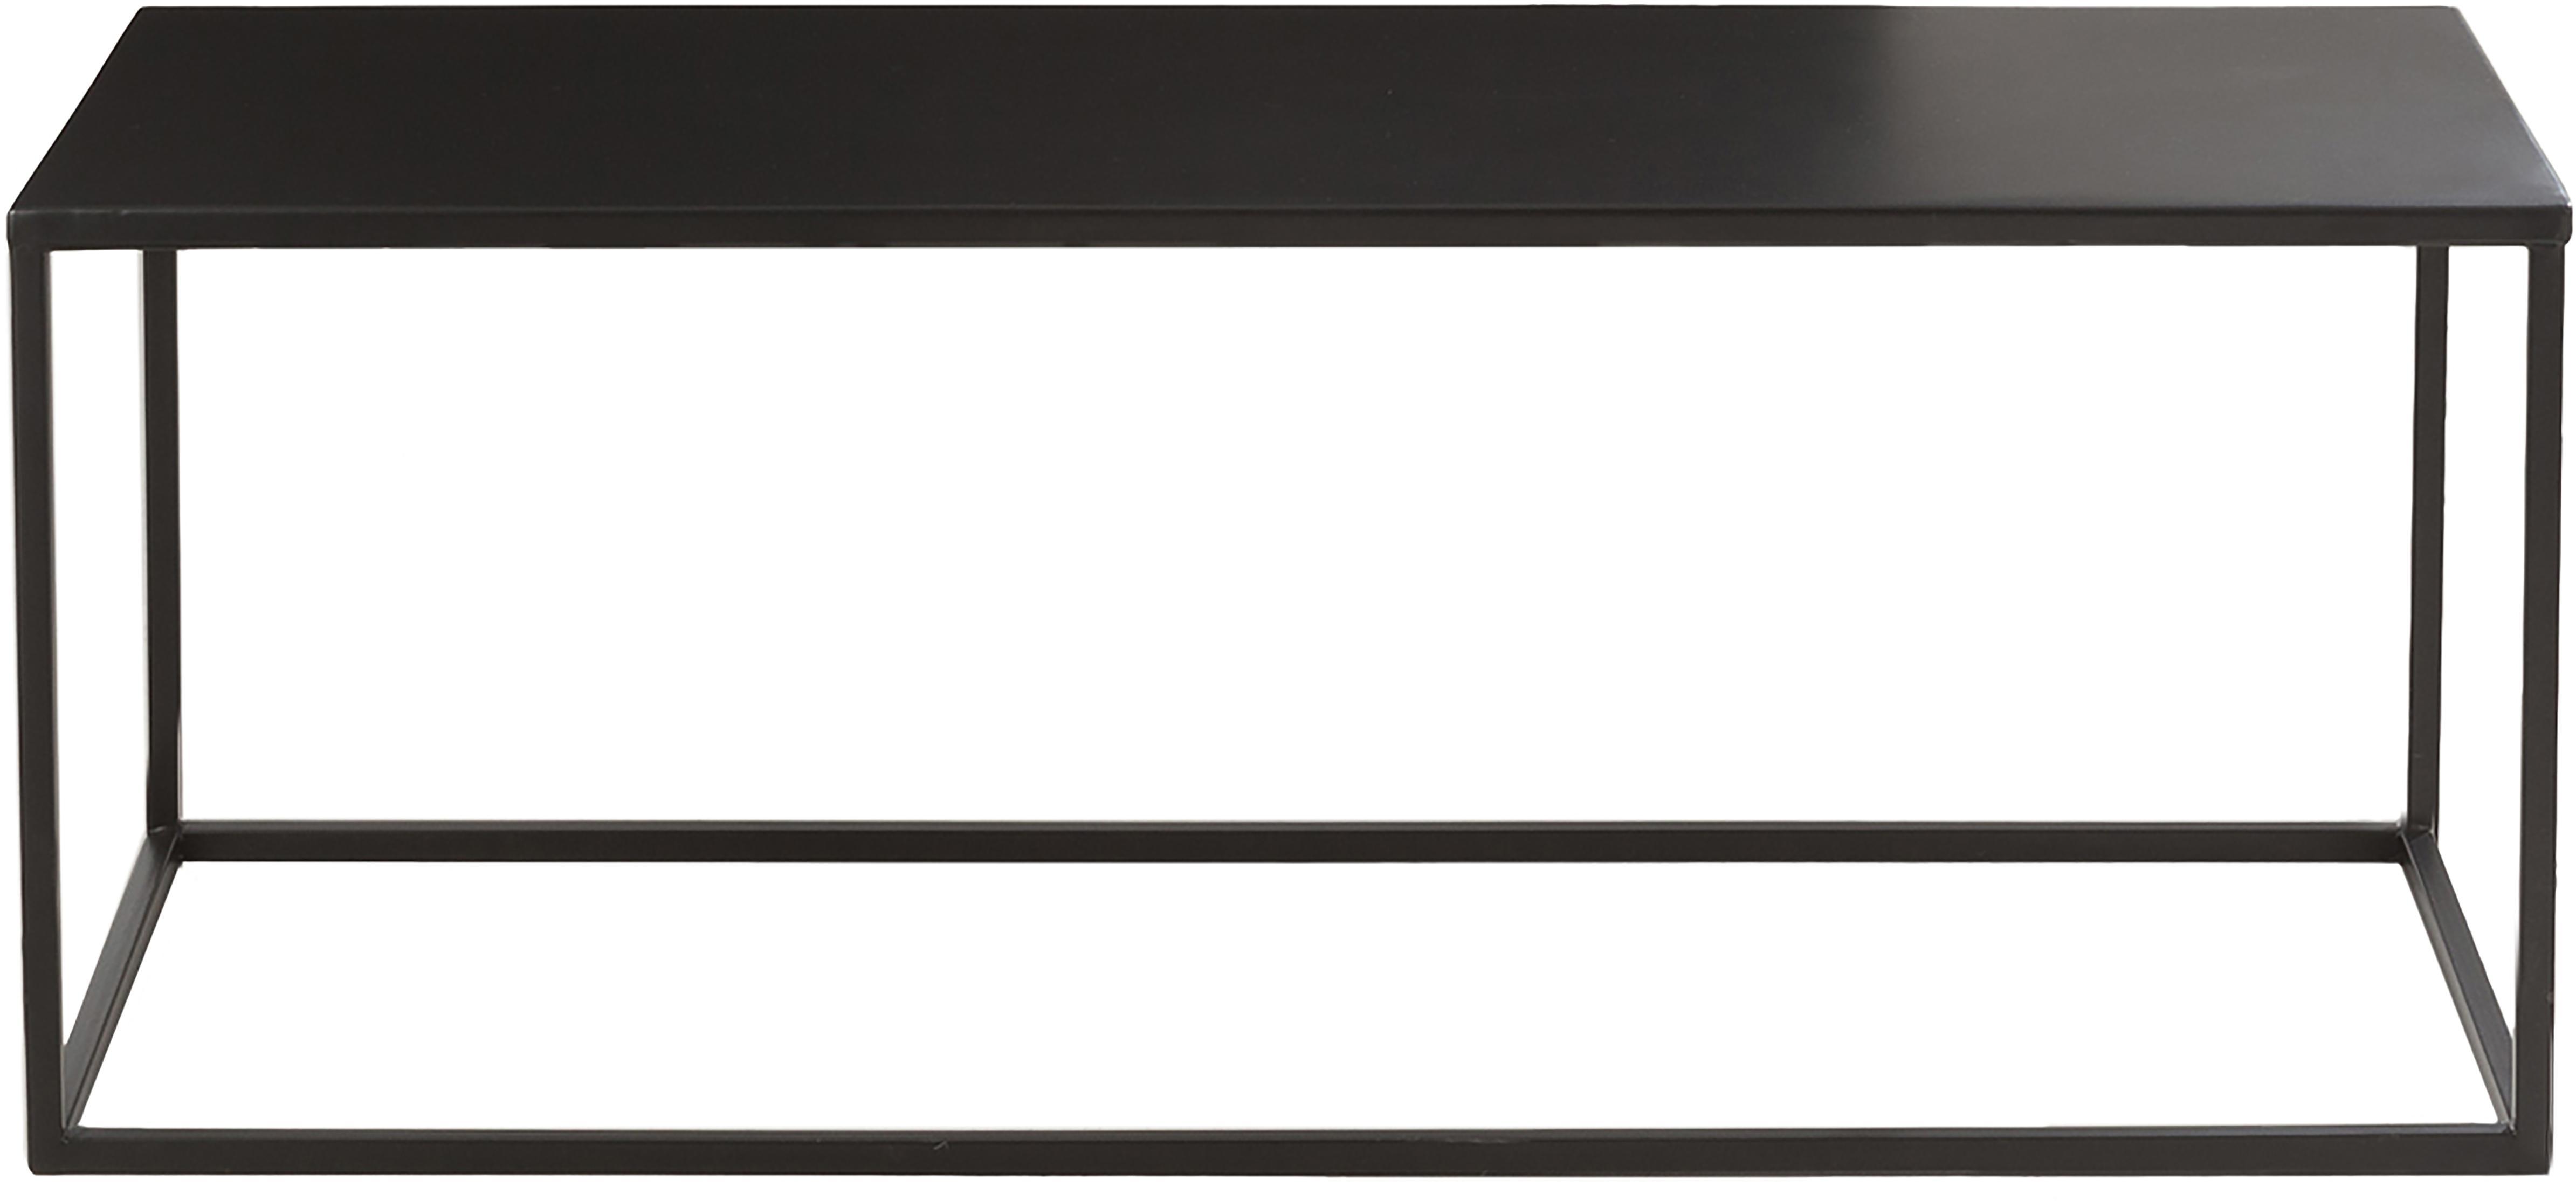 Couchtisch Stina aus Metall, Metall, pulverbeschichtet, Schwarz, matt, 90 x 45 cm